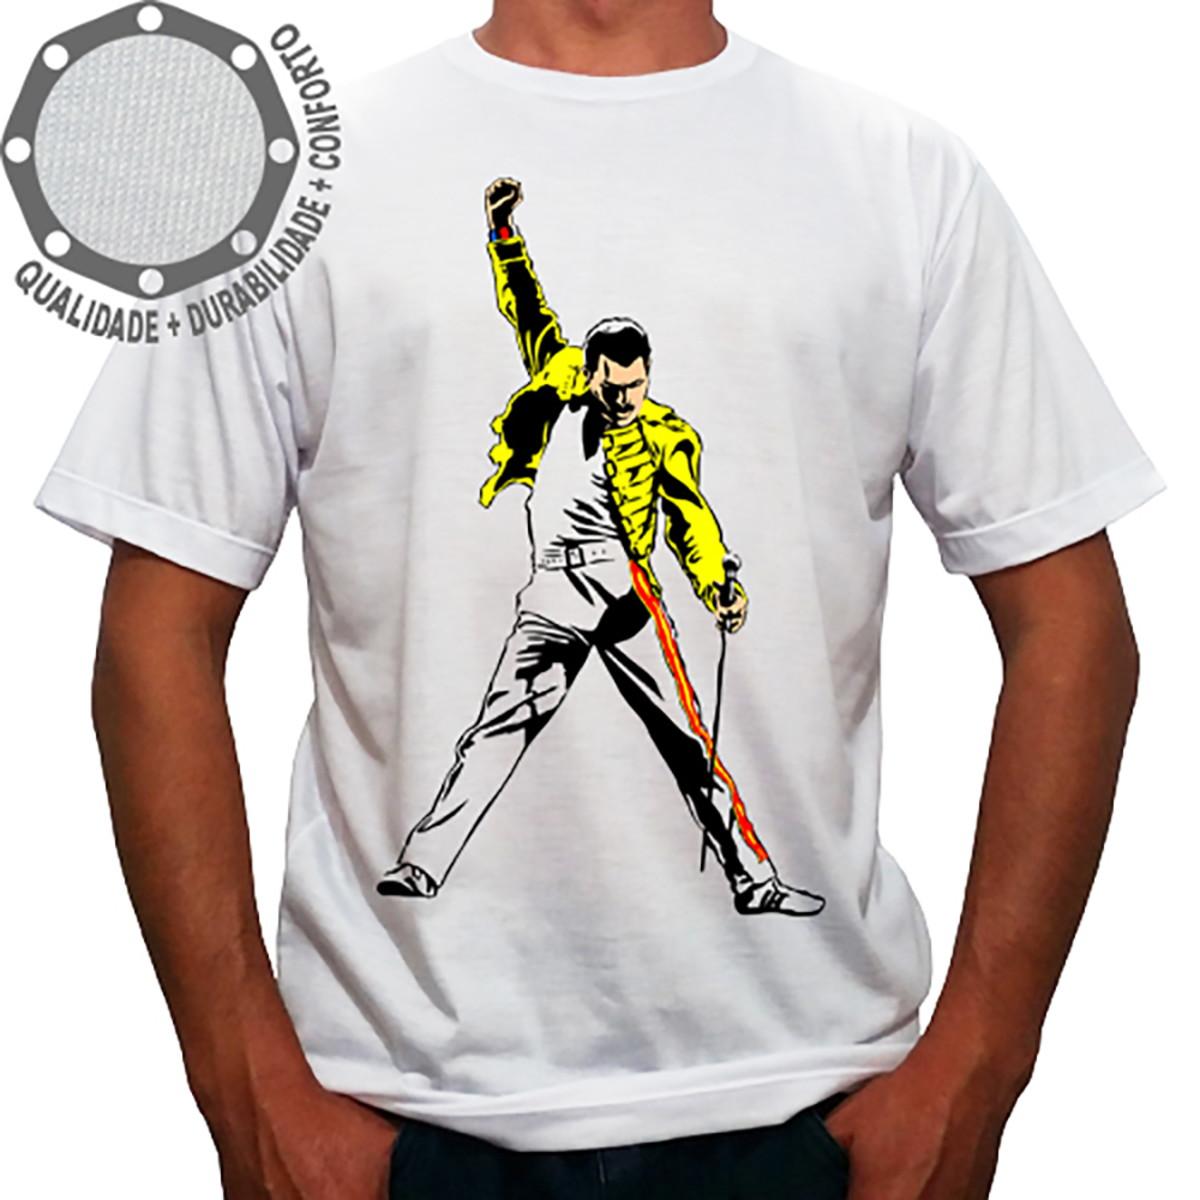 detallado último vendedor caliente venta caliente más nuevo Camiseta Queen Freddie Mercury Dançando Amarelo